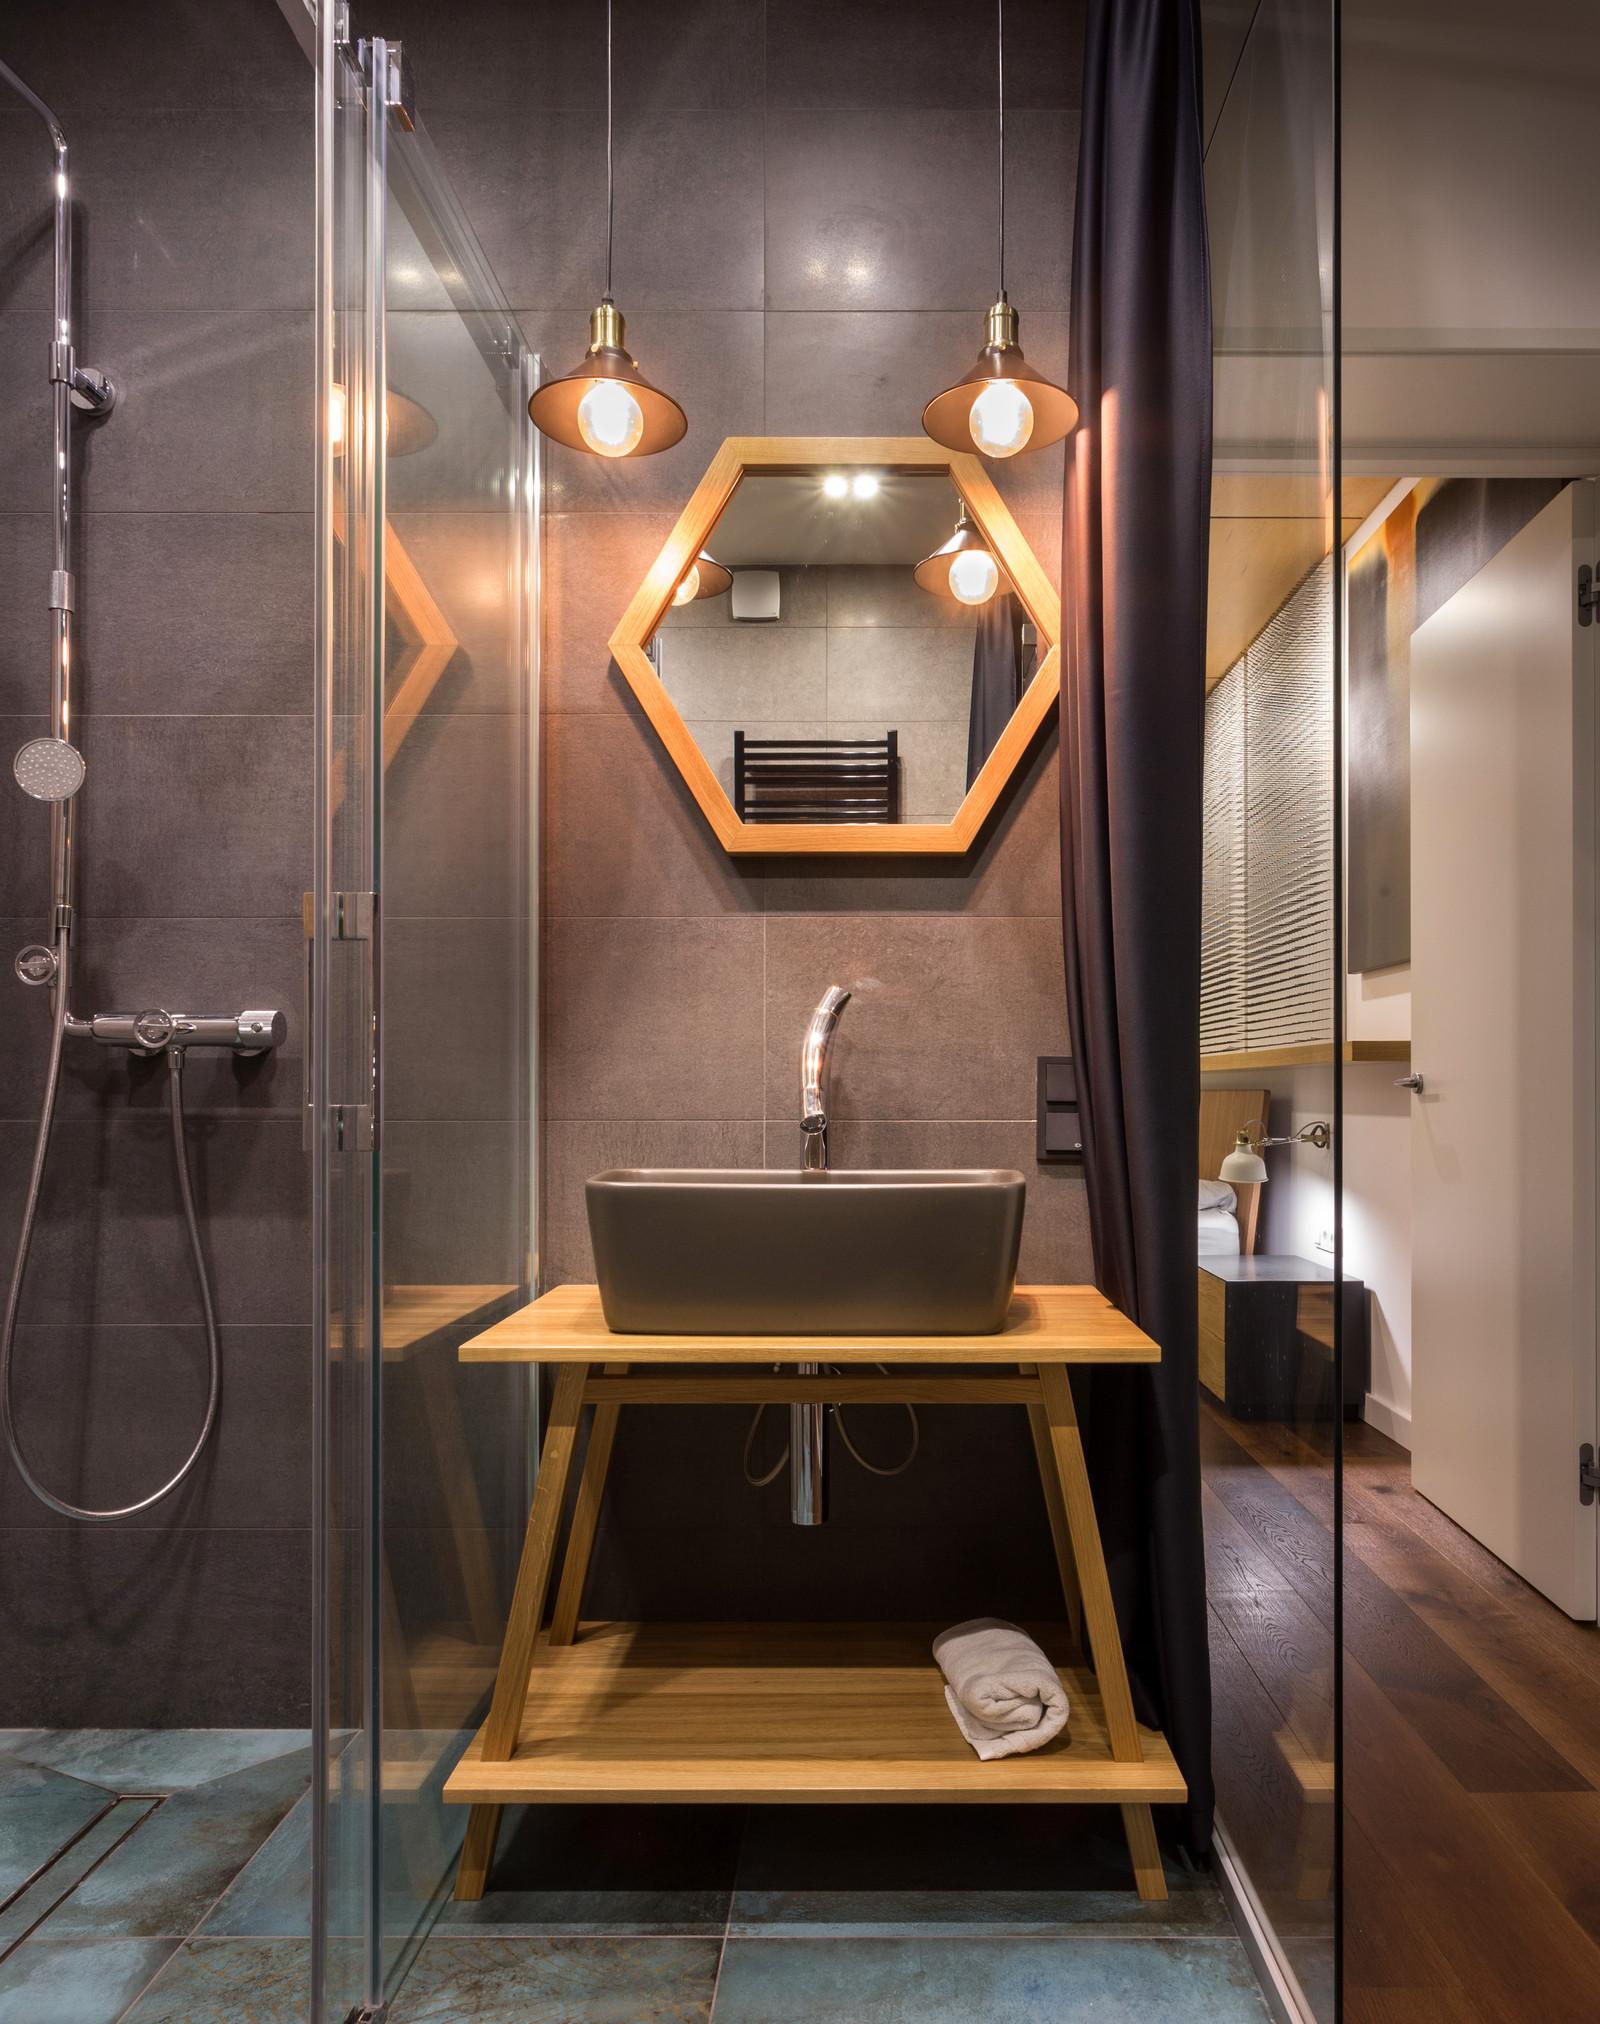 Apartment-design-just3ds.com-18